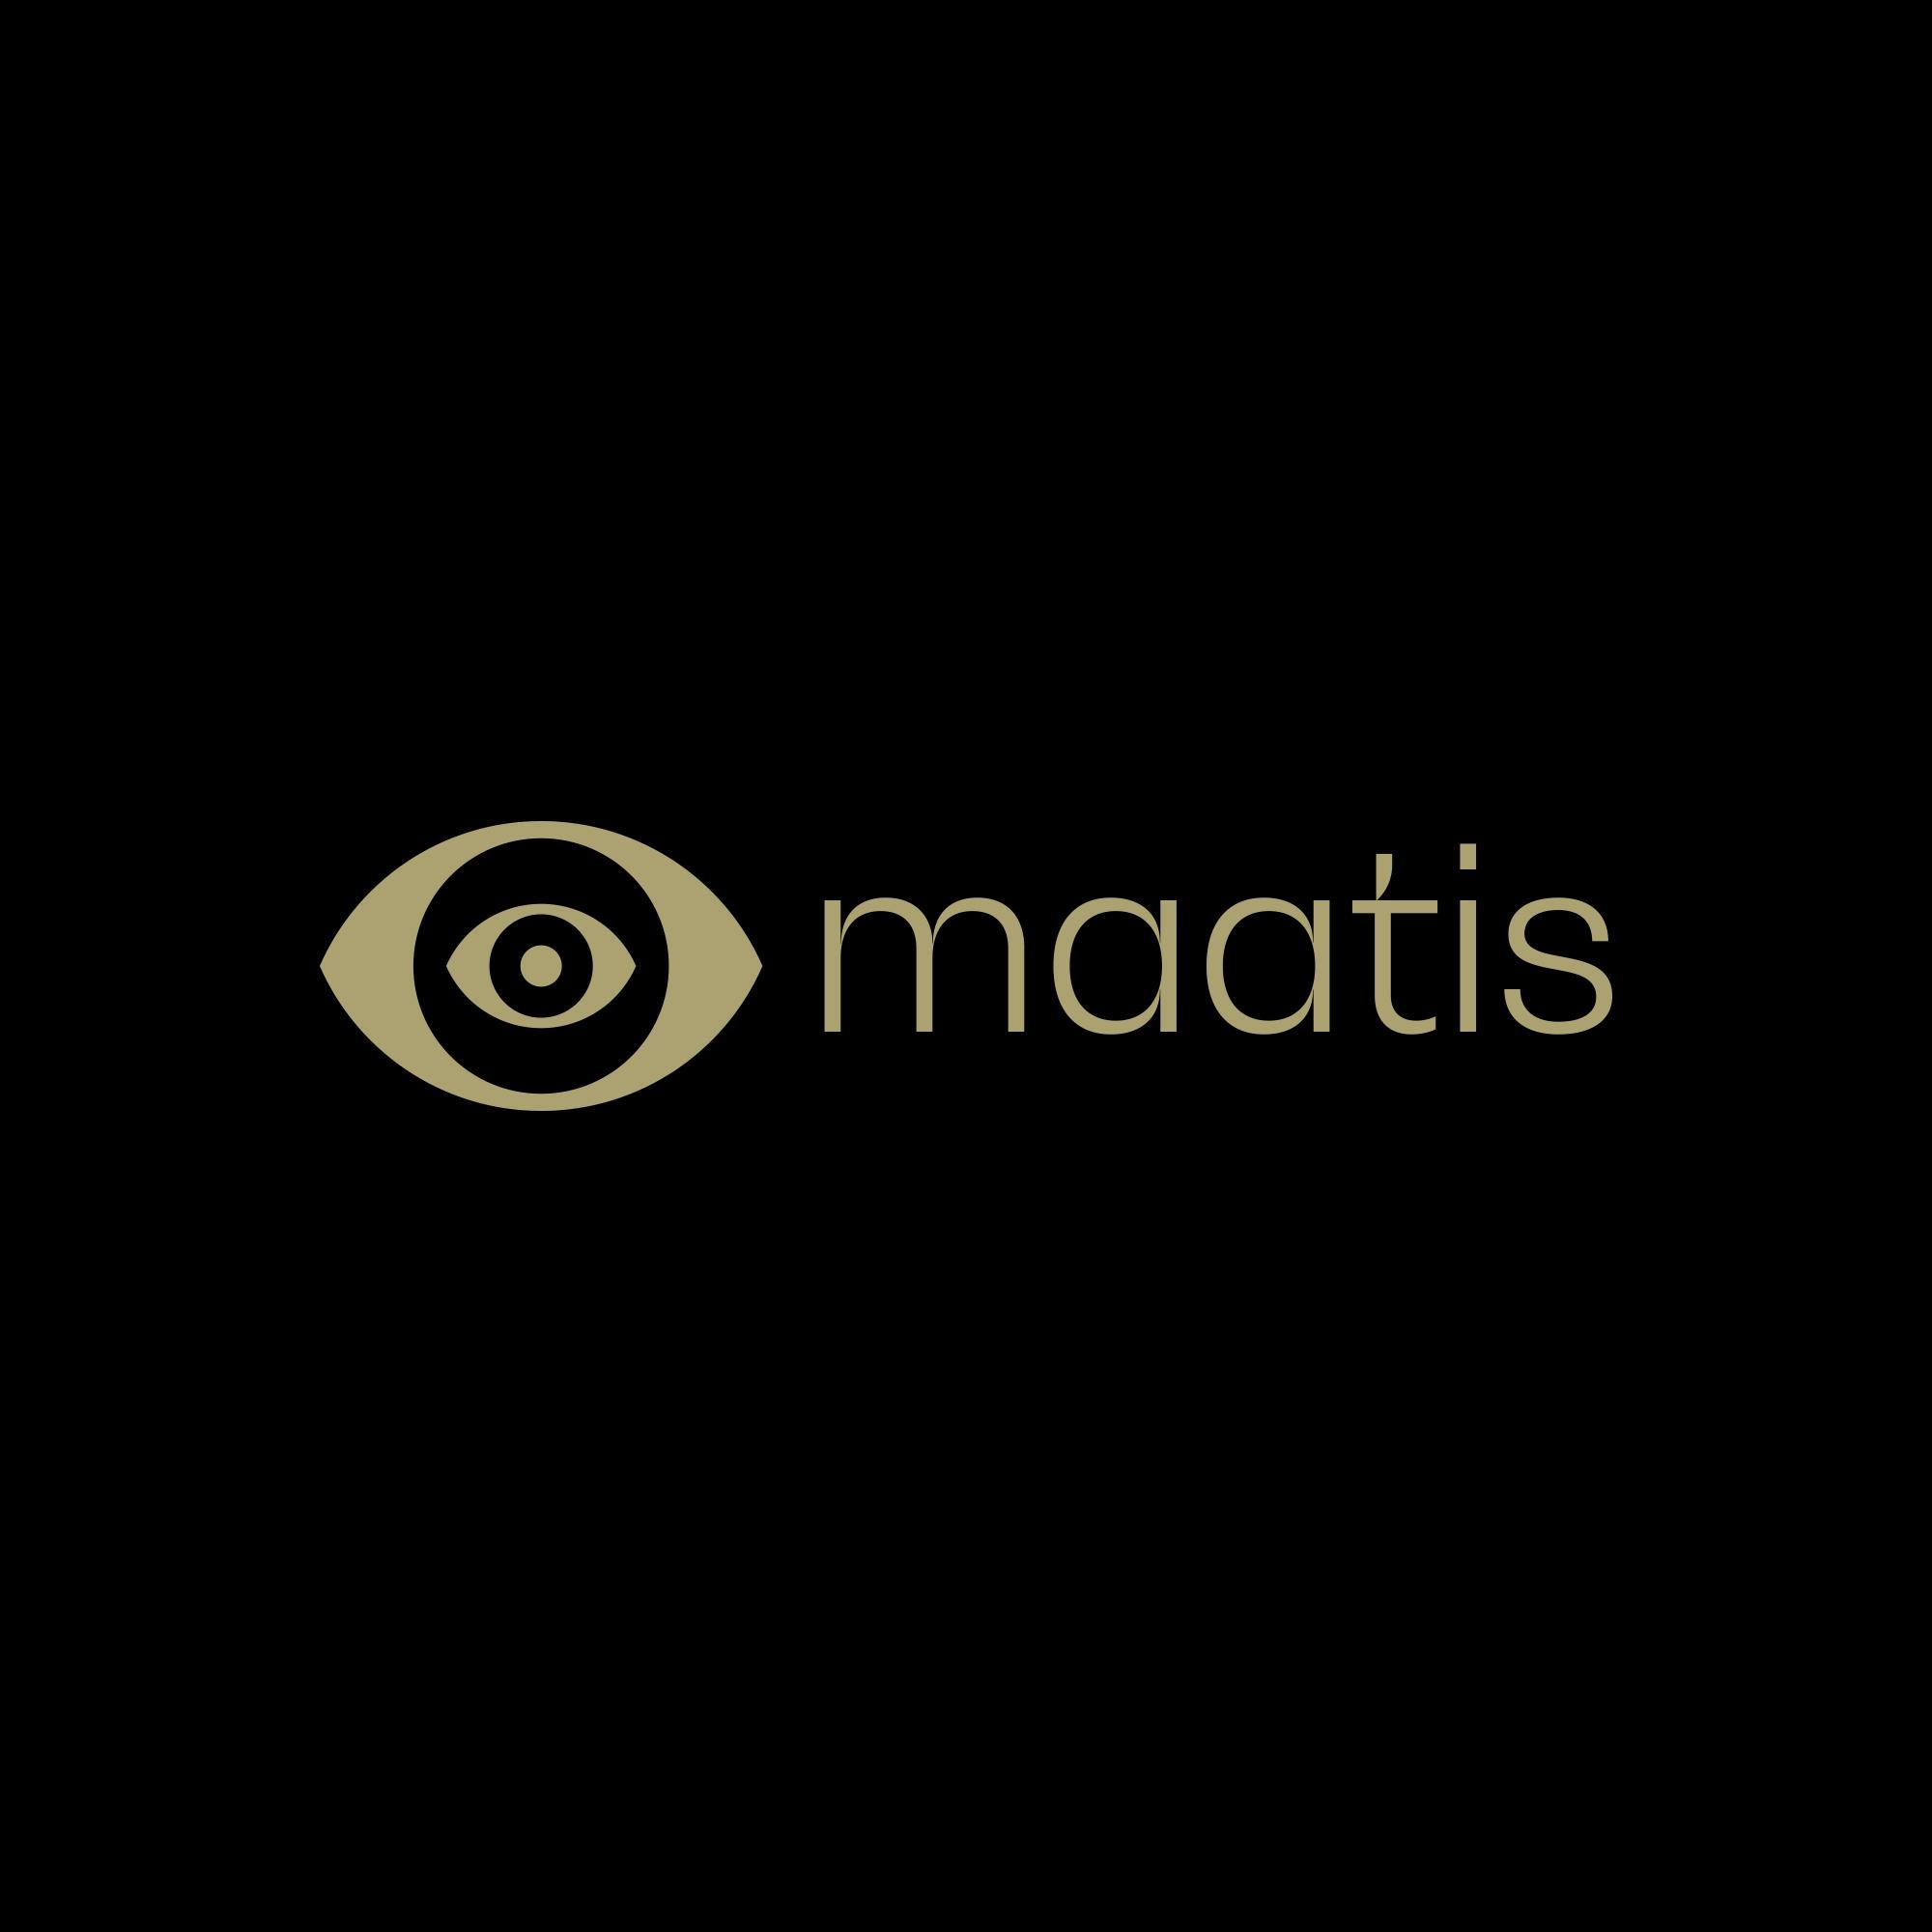 Maatis